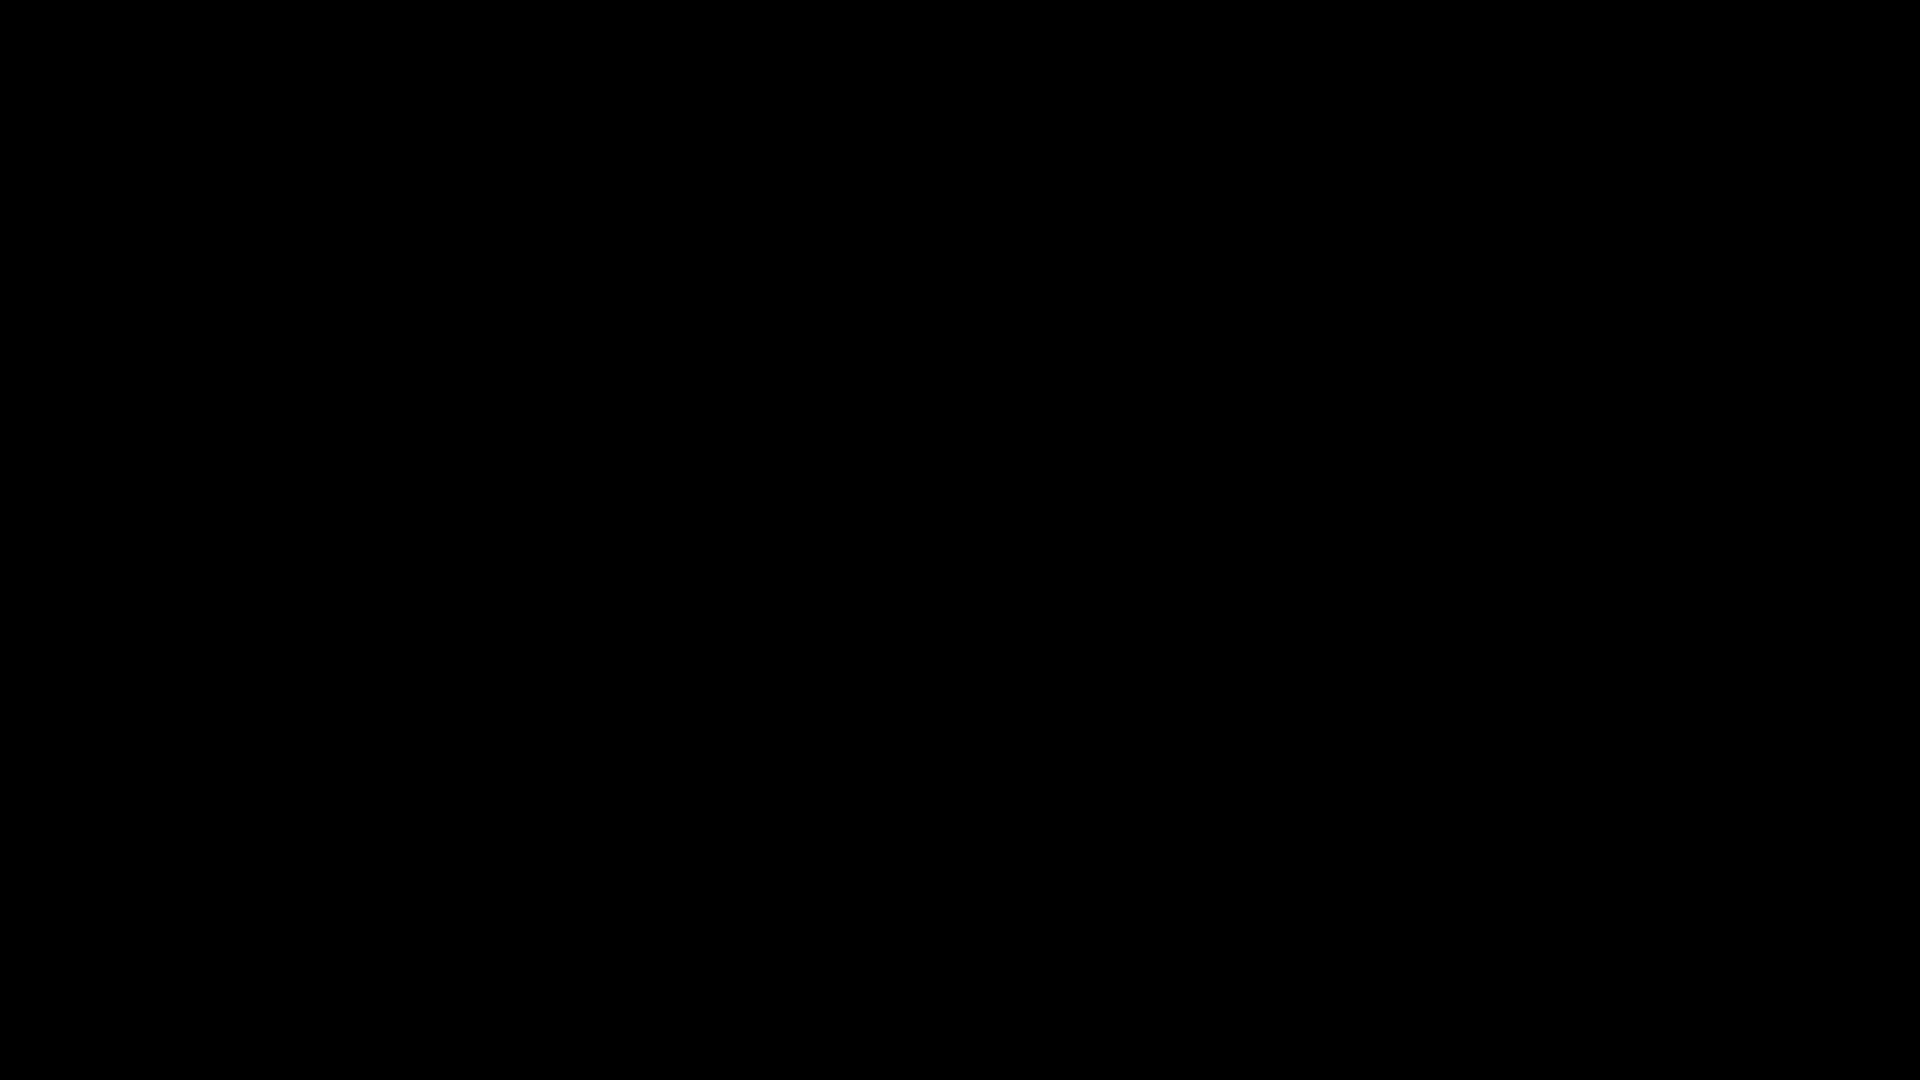 美しい日本の未来 特別版 軌跡2 おまんこ無修正 | ギャルの実態  40pic 7